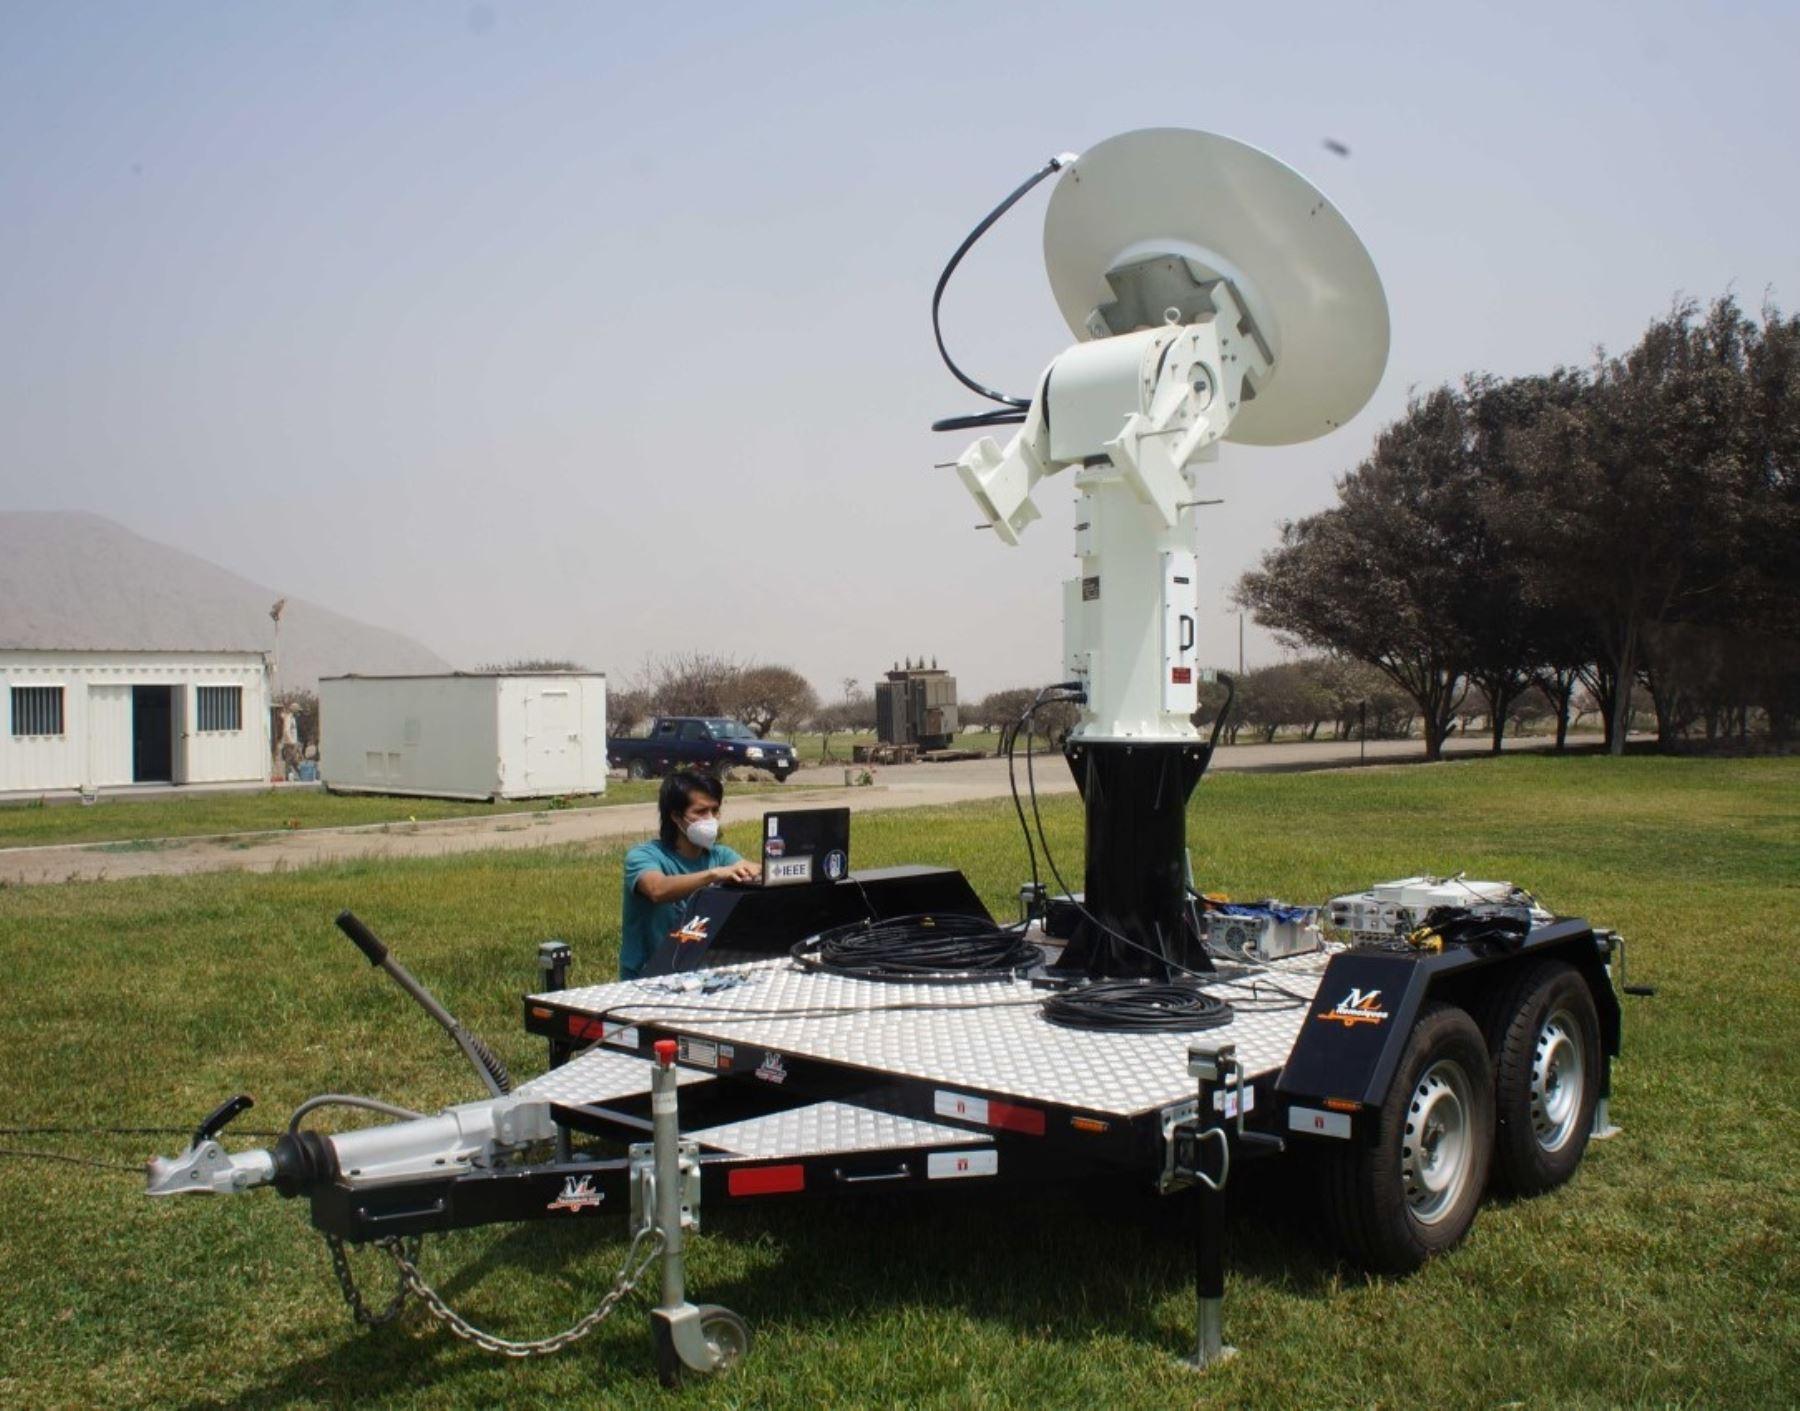 El IGP construye un radar de alta tecnología que permitirá monitorear lluvias y prevenir huaicos. El equipo se instalará en el Radio Observatorio de Jicamarca, informó el IGP.